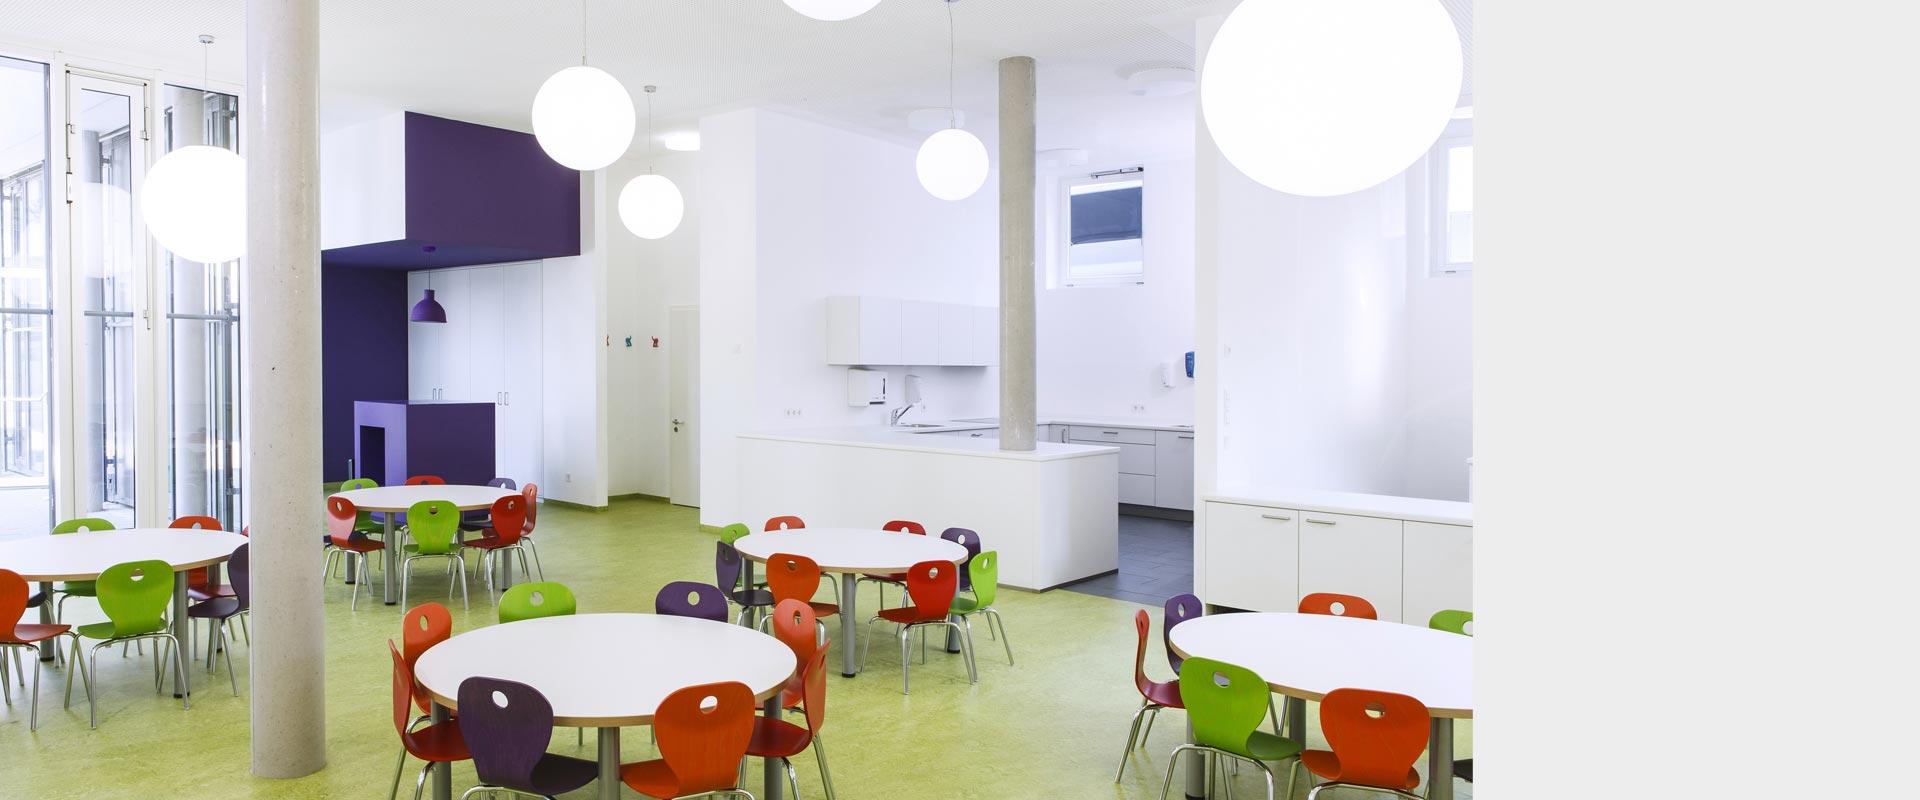 architekturbuero_henning_musahl_kindergarten07